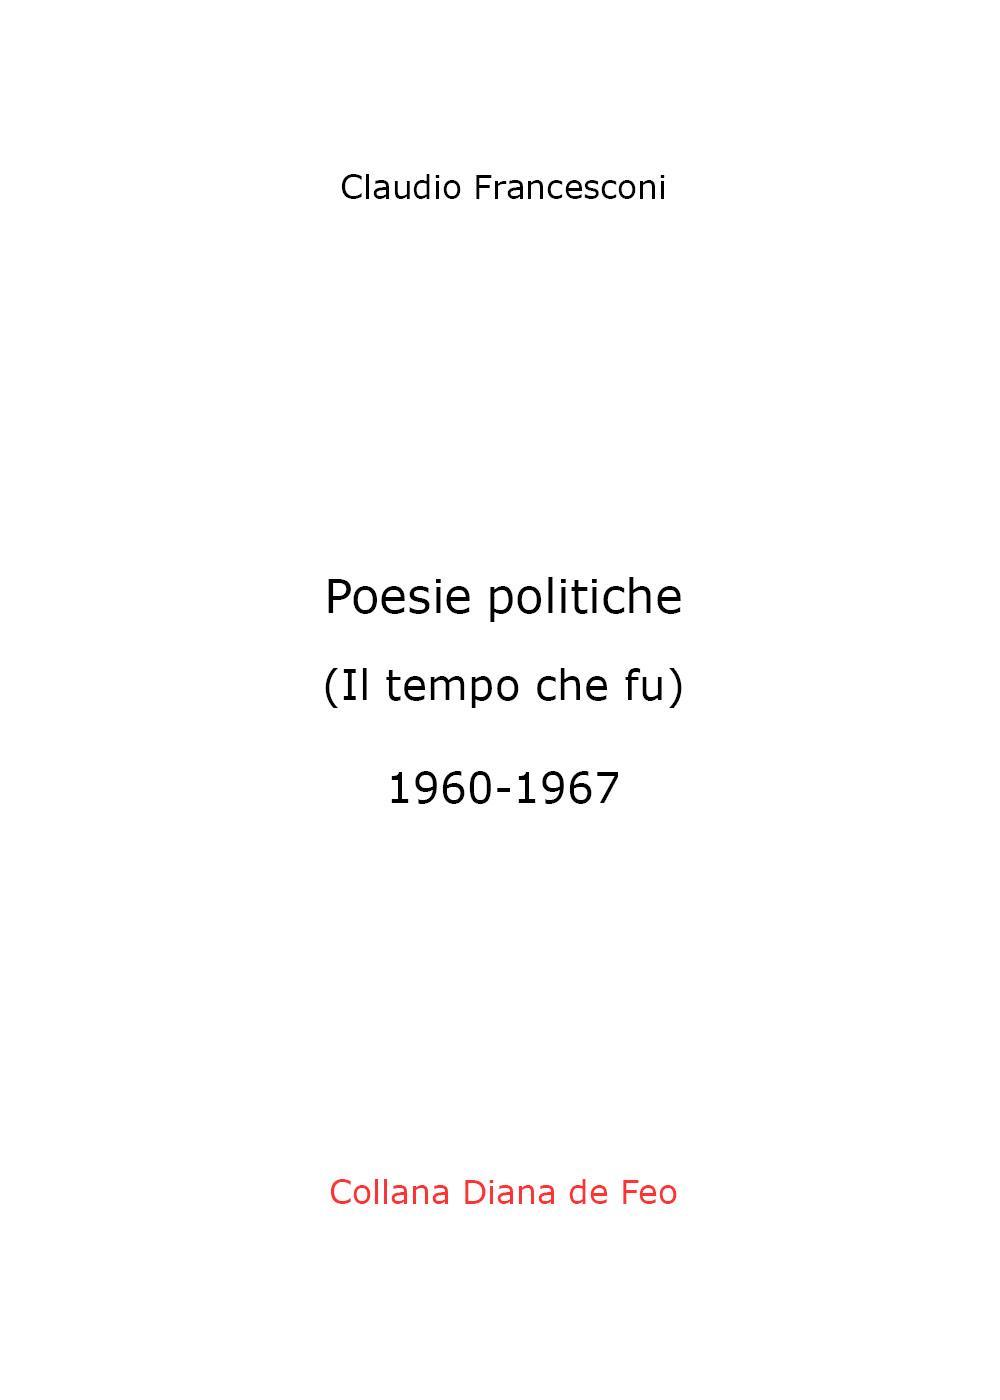 Poesie politiche Il tempo che fu